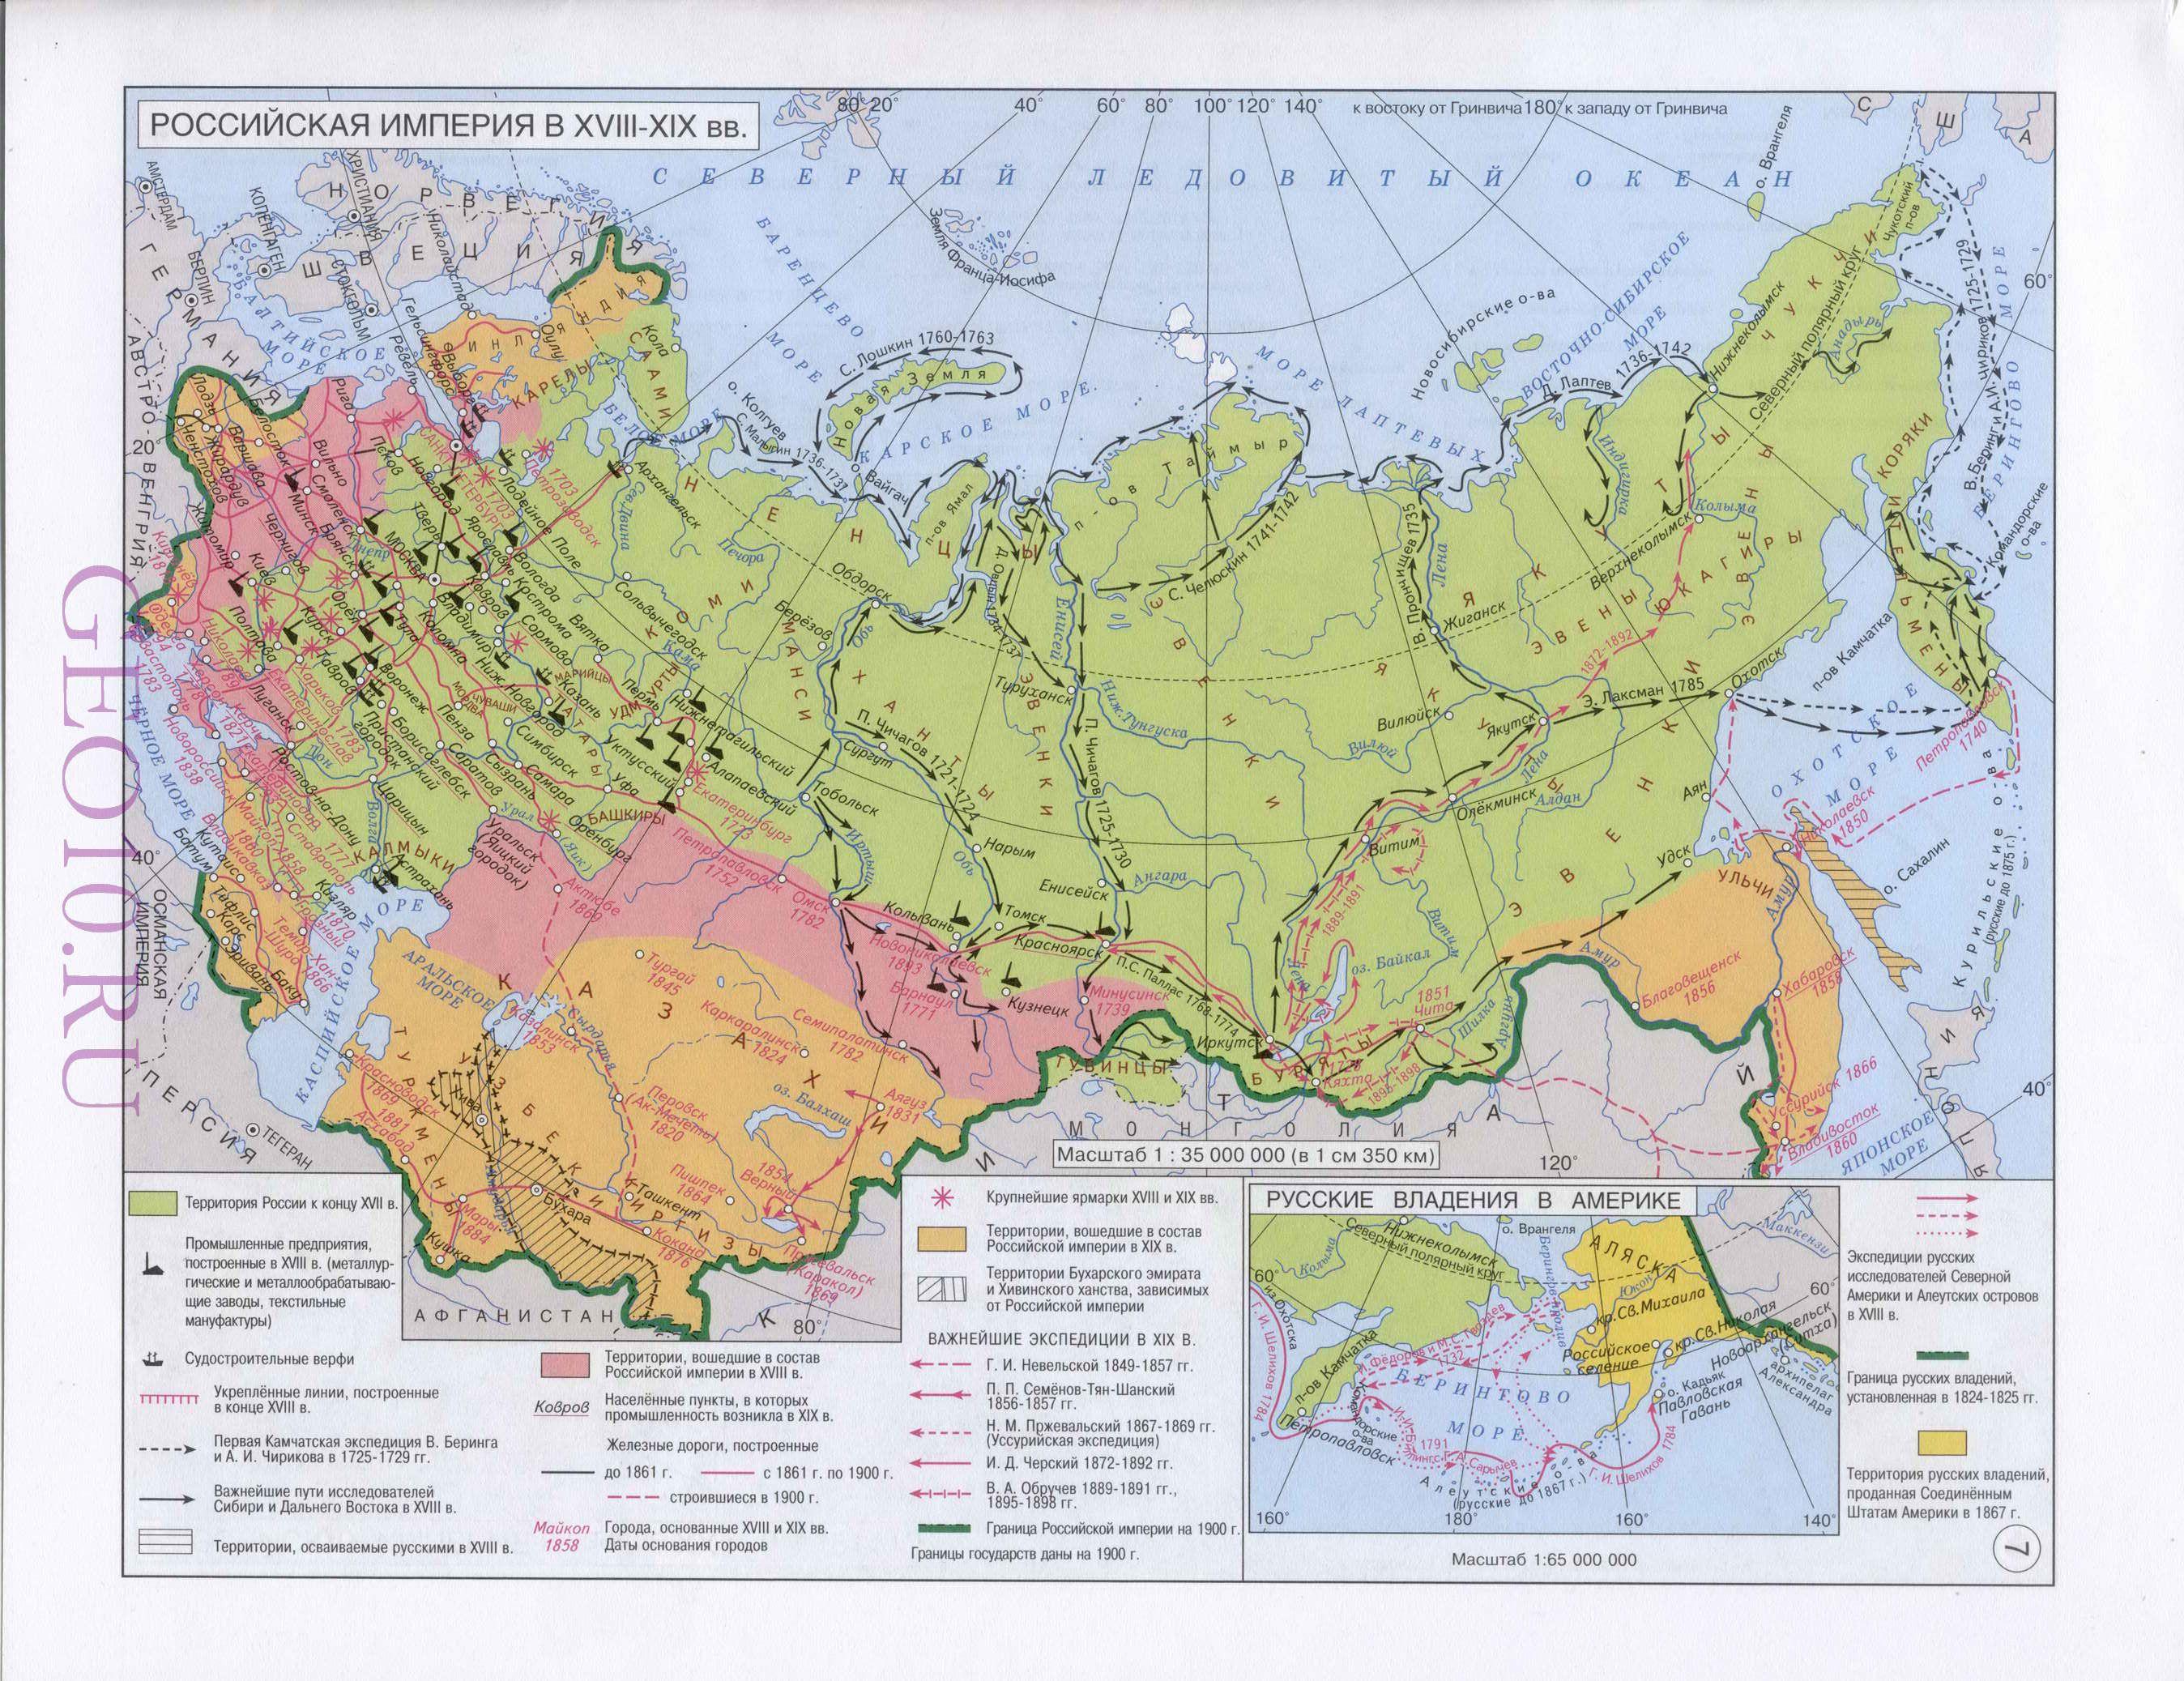 Karta Rossijskoj Imperii Xviii Xix Veka S Sibiryu Karta